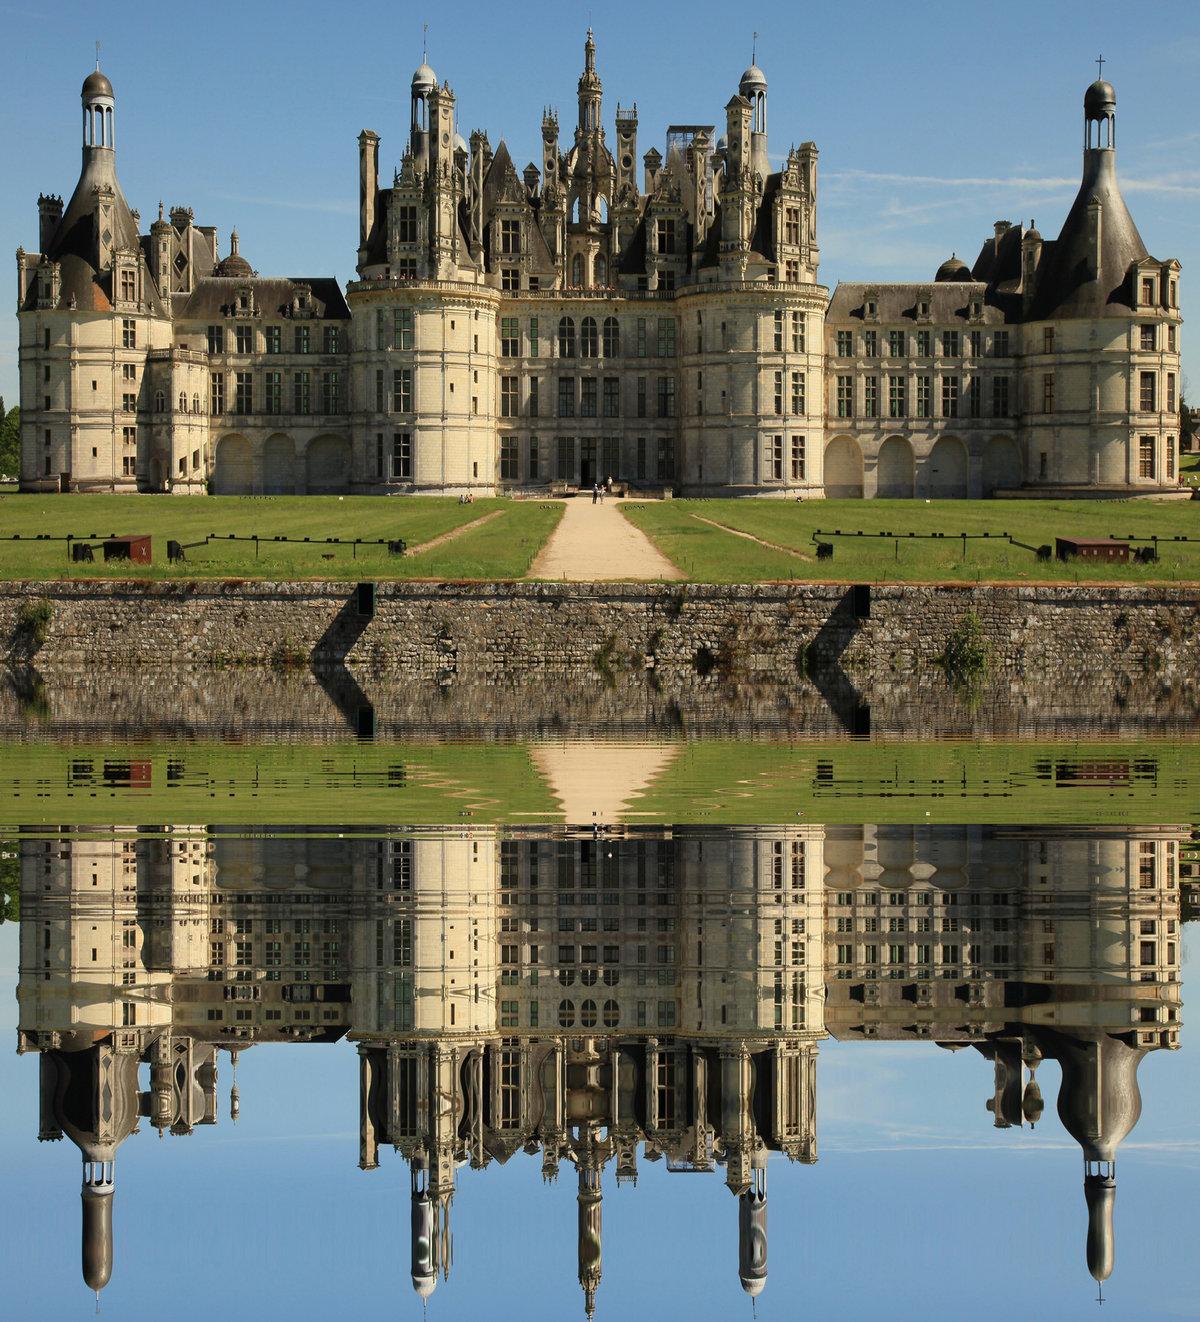 антенну самые известные дворцы мира фото и названия семье пришлось